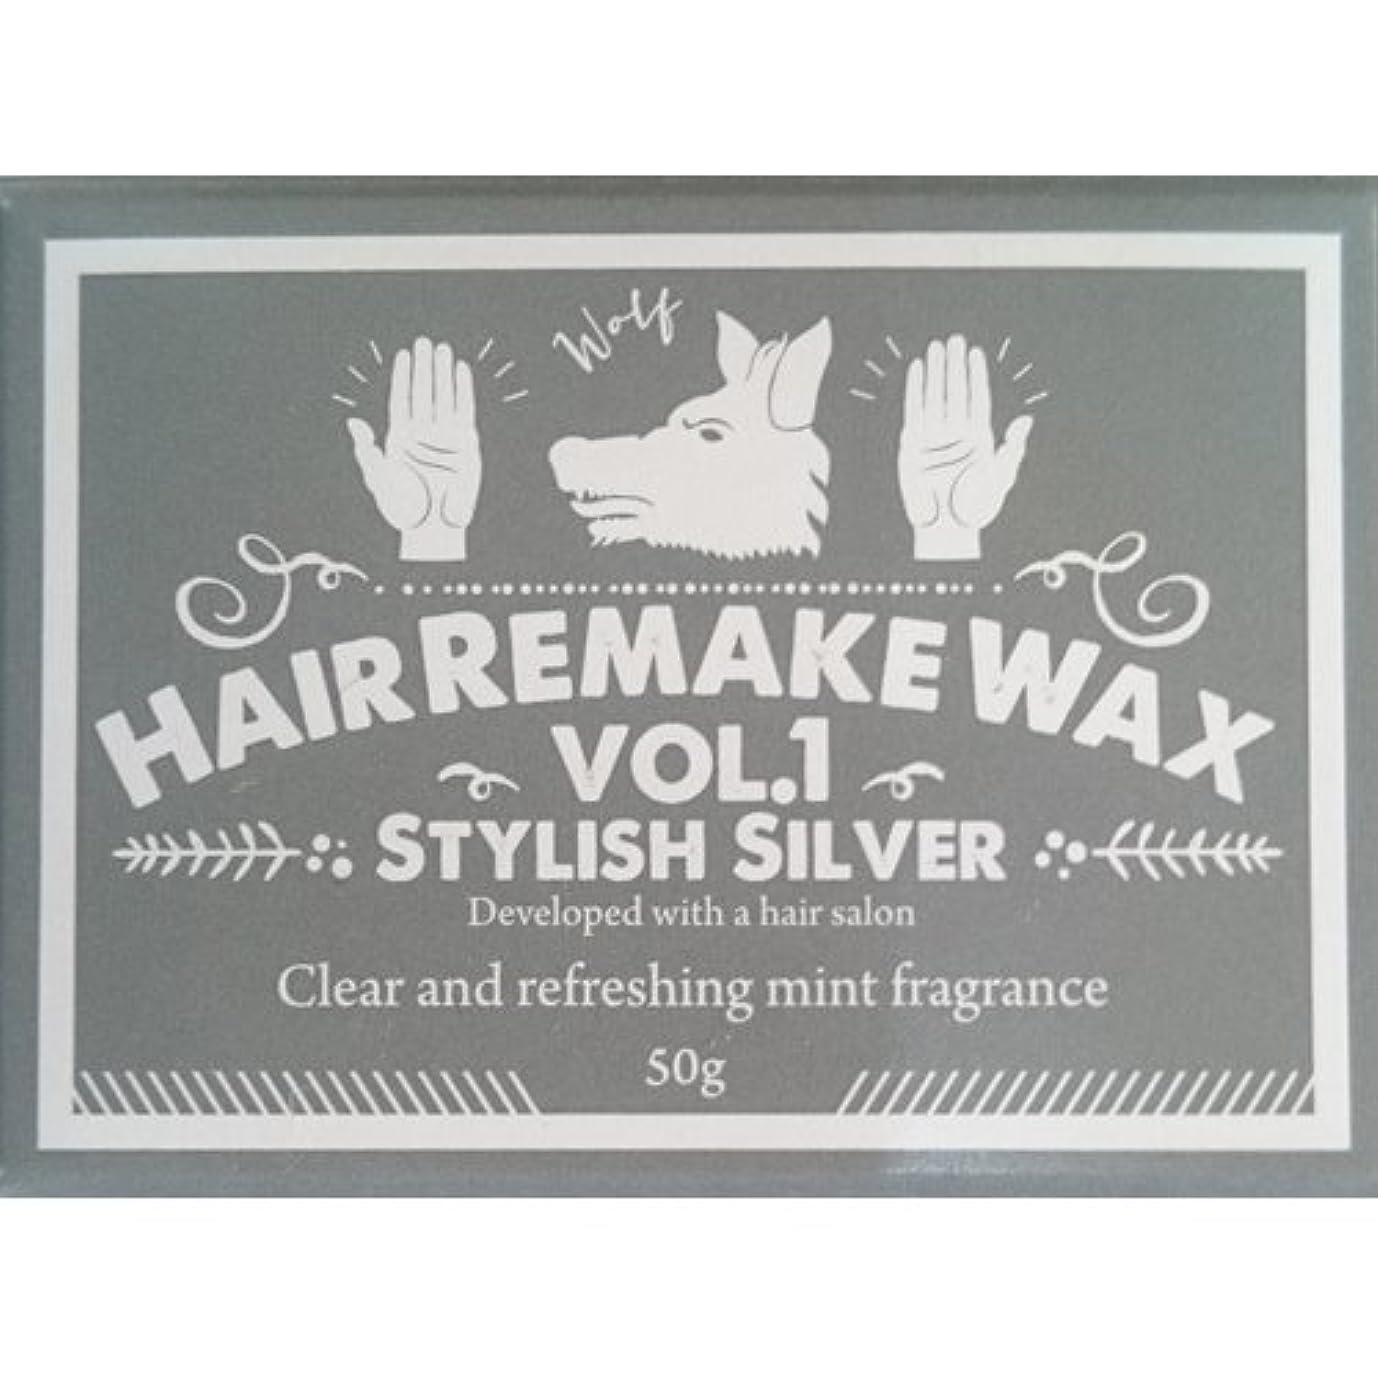 Hair Remake(ヘアーリメイク)WAX Vol.1 スタイリッシュシルバー 50g